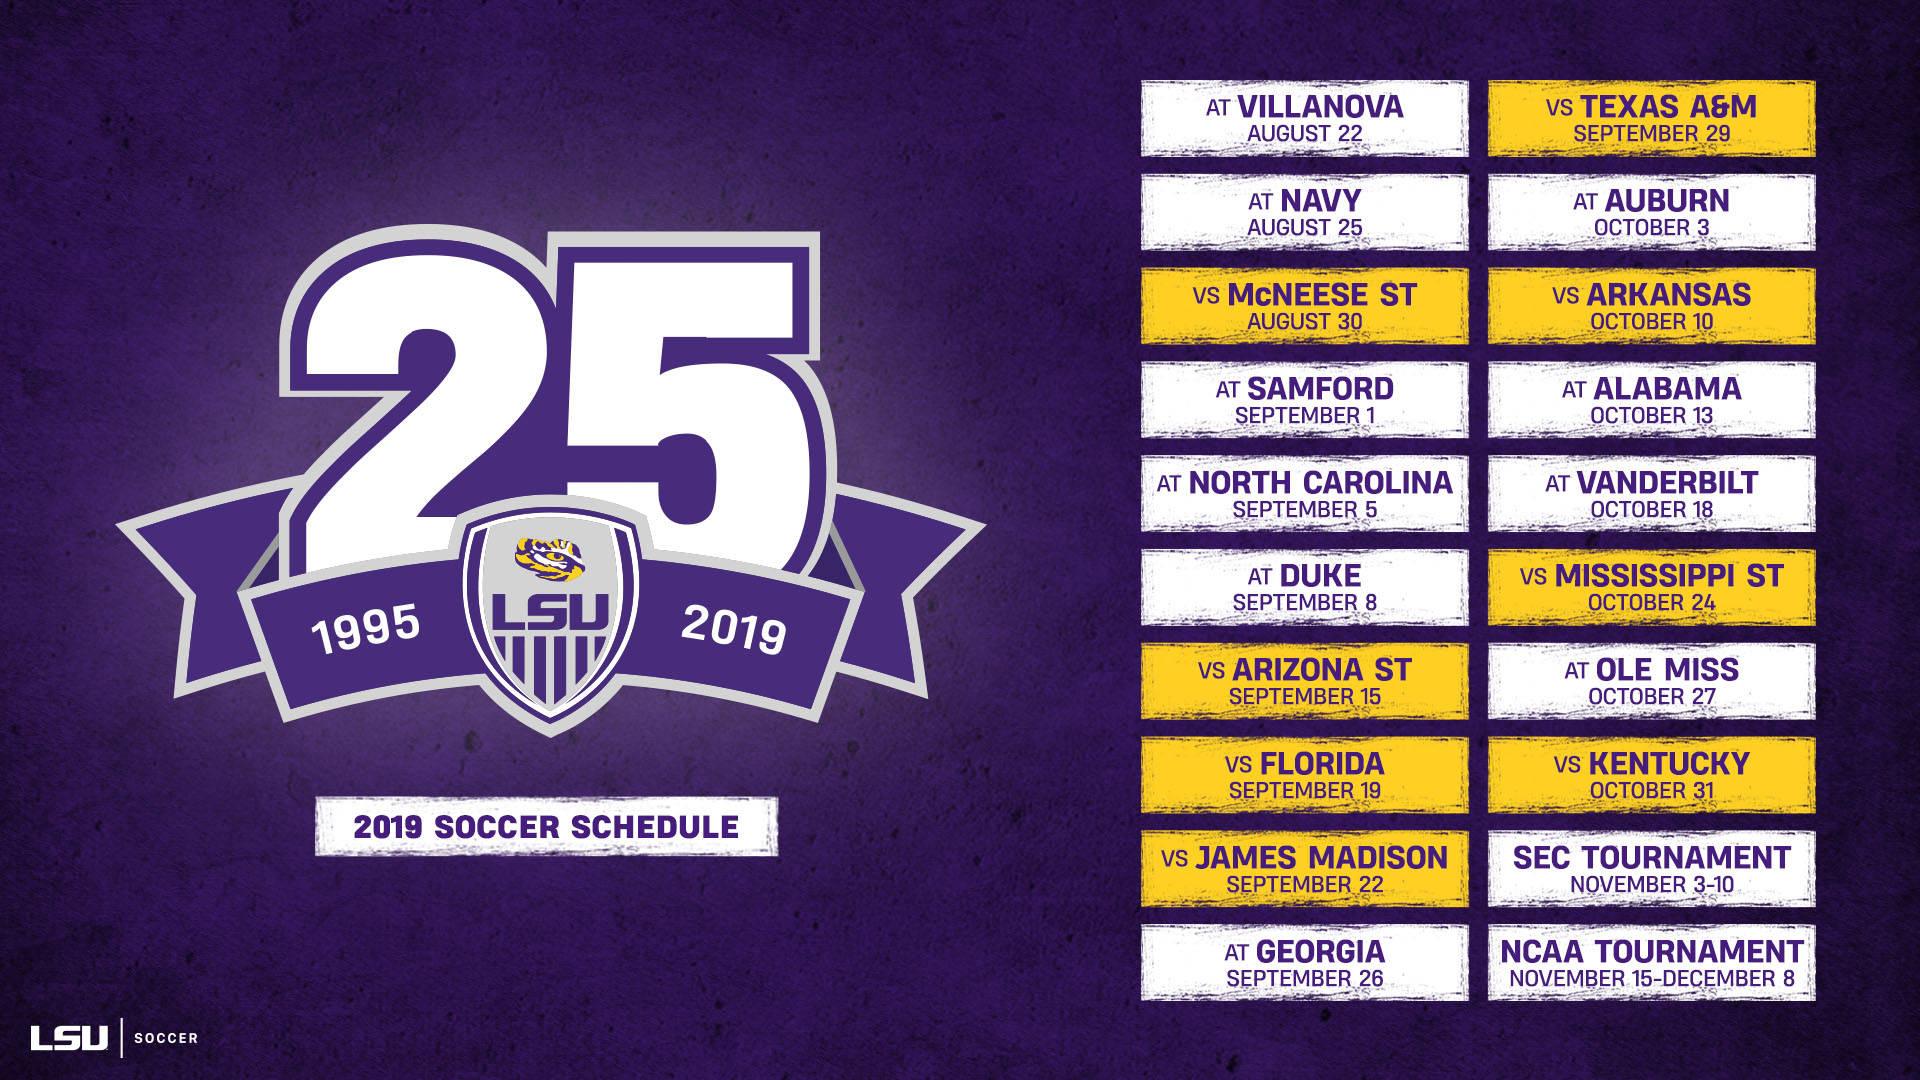 Lsu Soccer Announces 2019 Schedule - Lsu Tigers